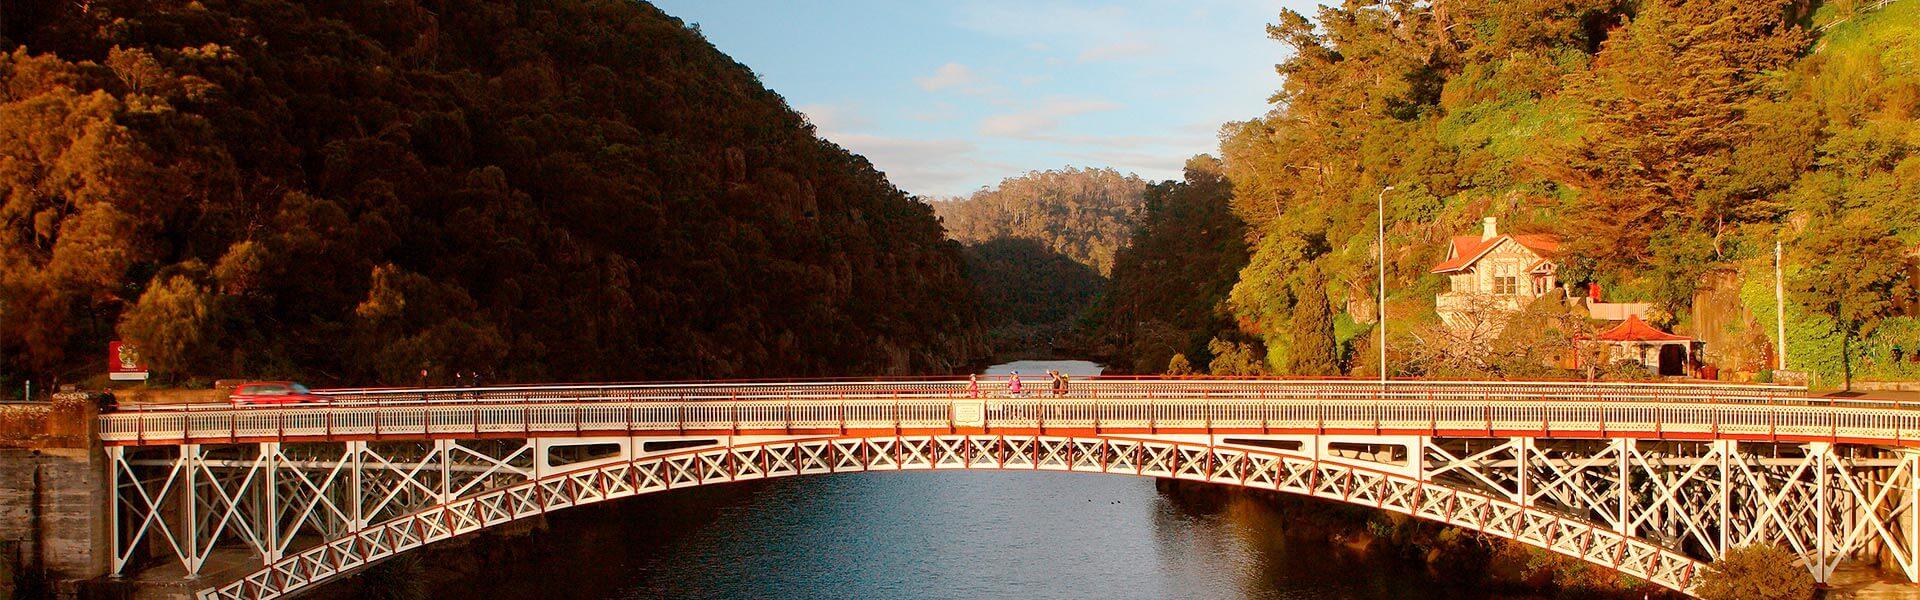 Gatekeepers Cottage and Kings Bridge – Tourism Tasmania & Sean Fennessy